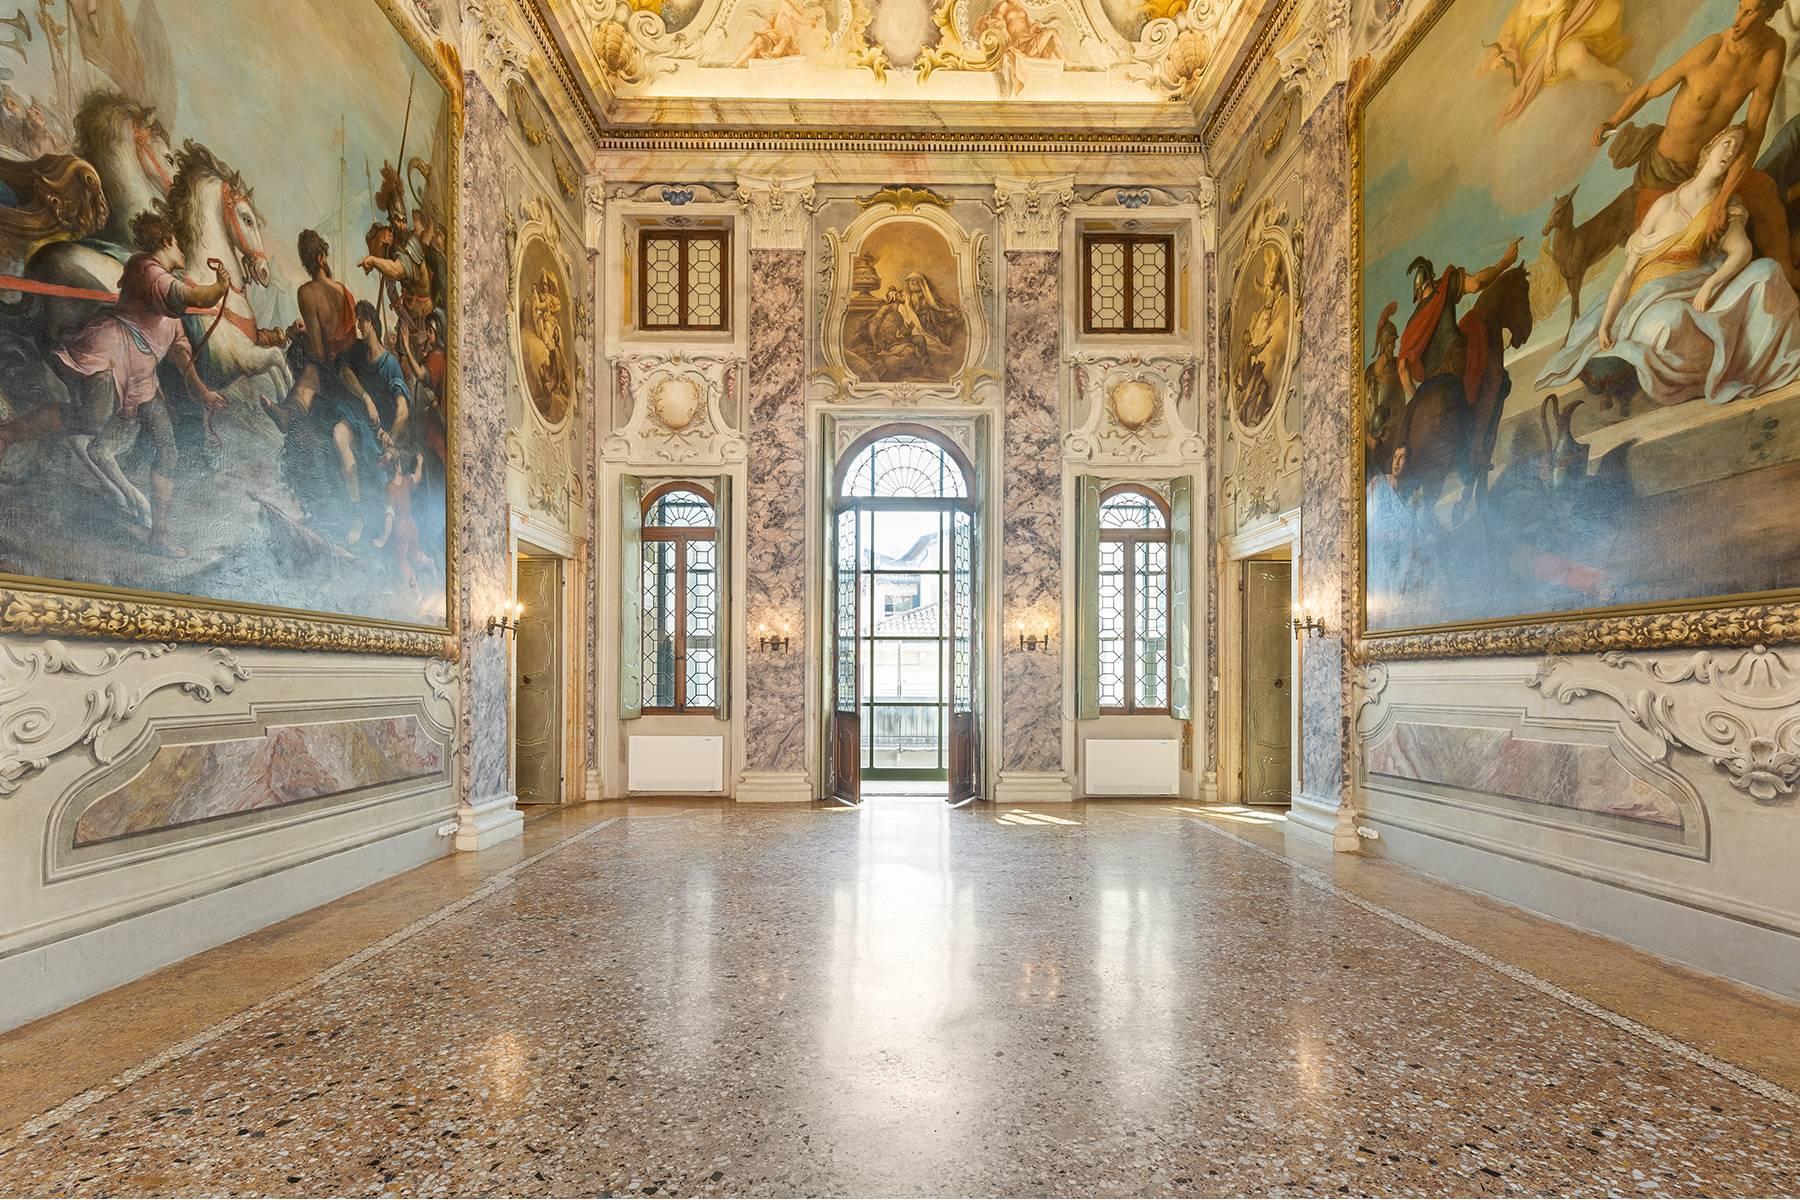 Великолепный апартамент с фресками в центре Вероны - 3